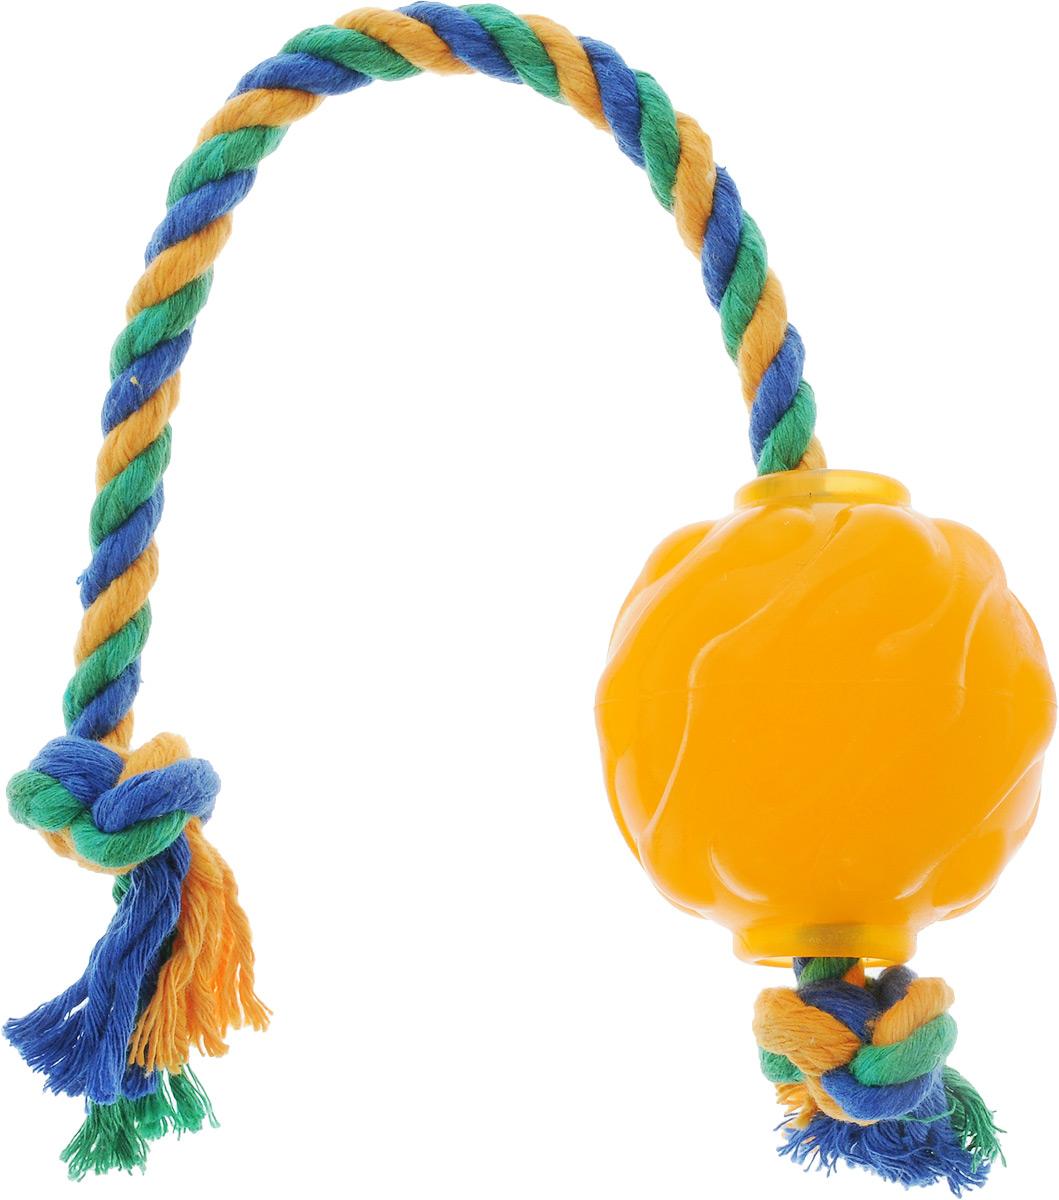 Игрушка для собак Doglike Мяч Космос, с канатом, длина 37 смD12-1100Игрушка Doglike Мяч Космос служит для массажа десен и очистки зубов от налета и камня, а также снимает нервное напряжение. Игрушка представляет собой резиновый мяч с текстильным канатом. Она прочная и может выдержать огромное количество часов игры. Это идеальная замена косточке. Если ваш пес портит мебель, излишне агрессивен, непослушен или страдает излишним весом то, скорее всего, корень всех бед кроется в недостаточной физической и эмоциональной нагрузке. Порадуйте своего питомца прекрасным и качественным подарком. Размер игрушки: 6 х 6 х 6,3 см. Длина игрушки (с канатом): 37 см. Уважаемые клиенты! Обращаем ваше внимание на цветовой ассортимент товара. Поставка осуществляется в зависимости от наличия на складе.